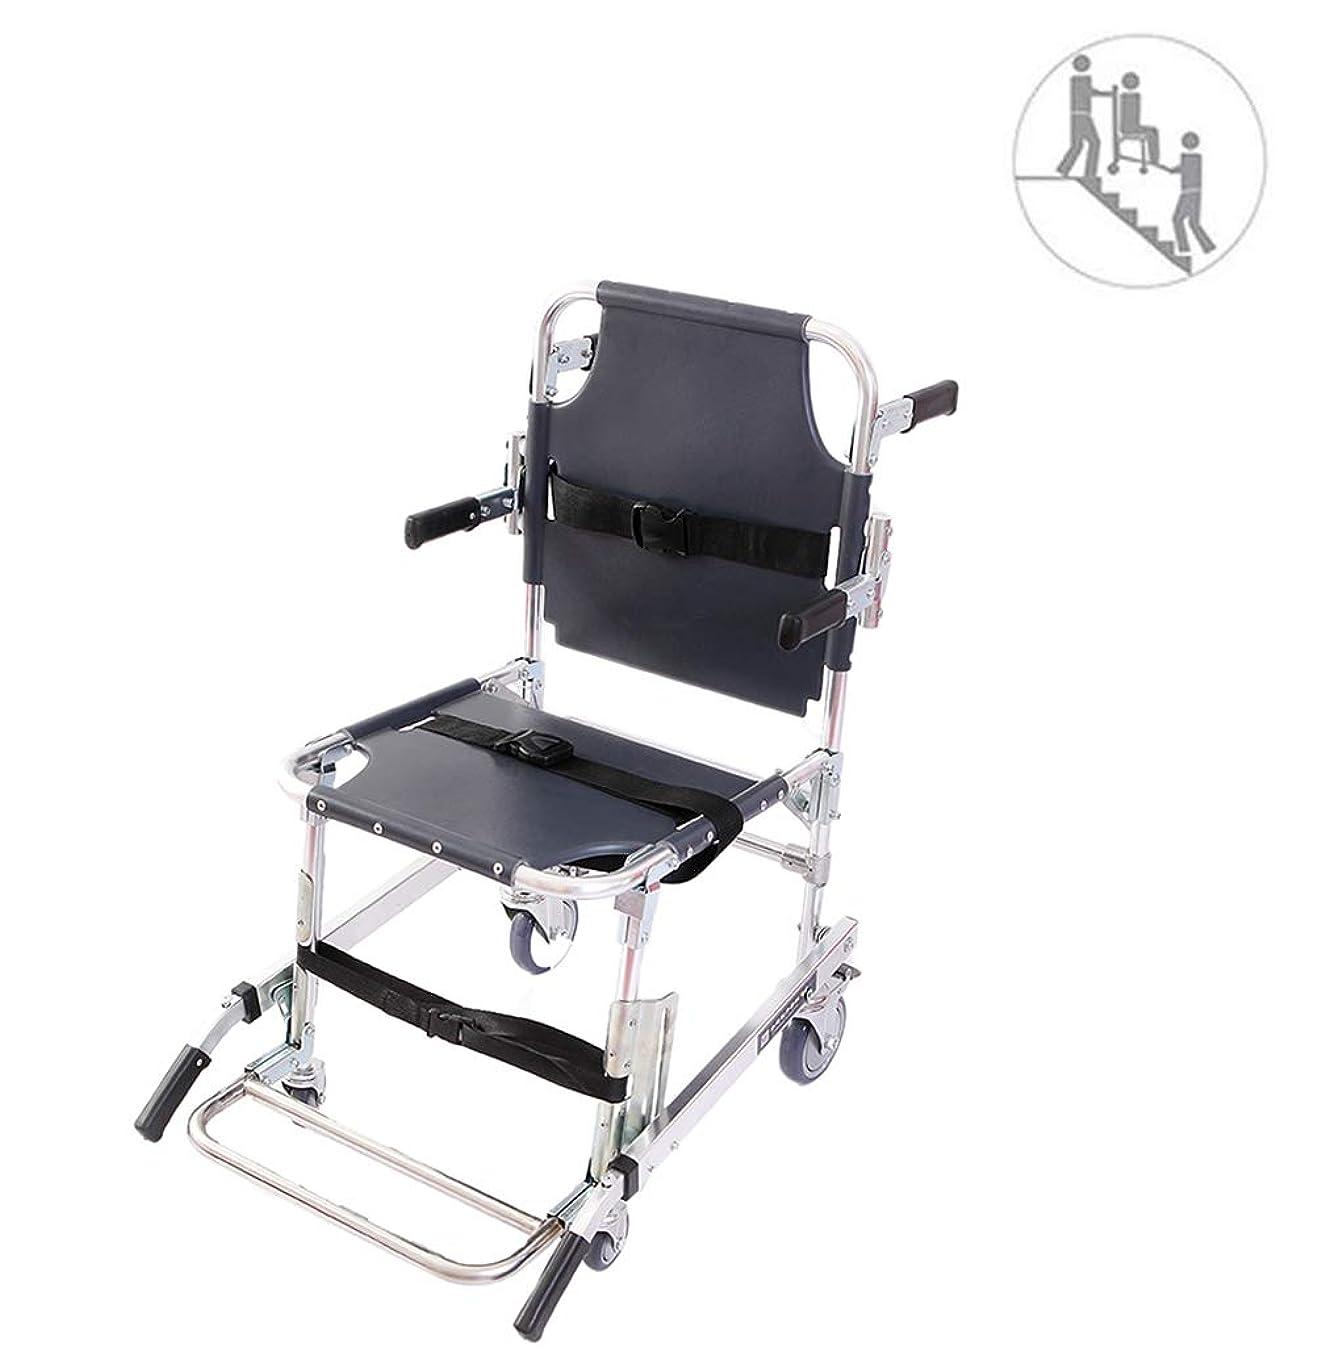 好意調整する単語階段椅子EMS緊急4輪救急車消防士の避難医療輸送チェア患者拘束ストラップ付き350ポンドの容量